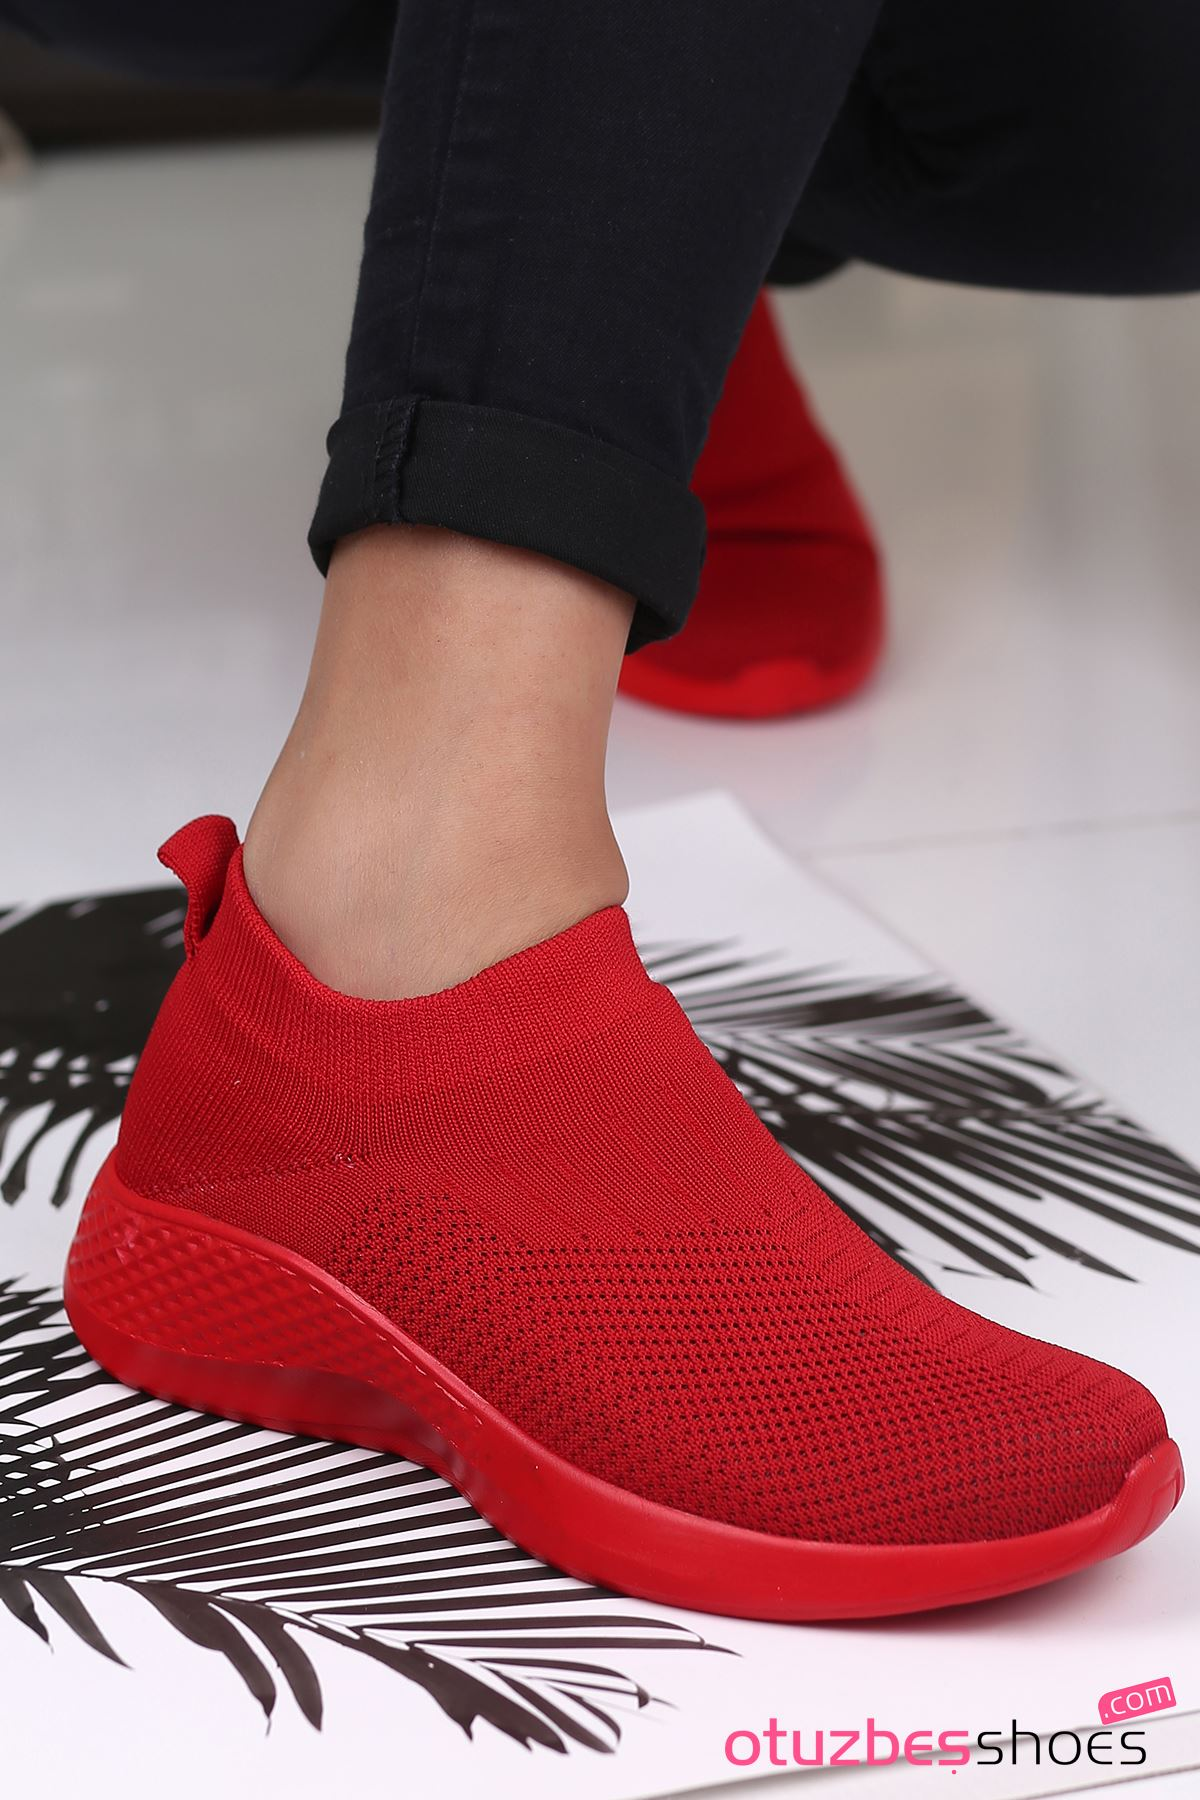 Babs Çelik Örgü Triko Kadın Spor Ayakkabı Kırmızı